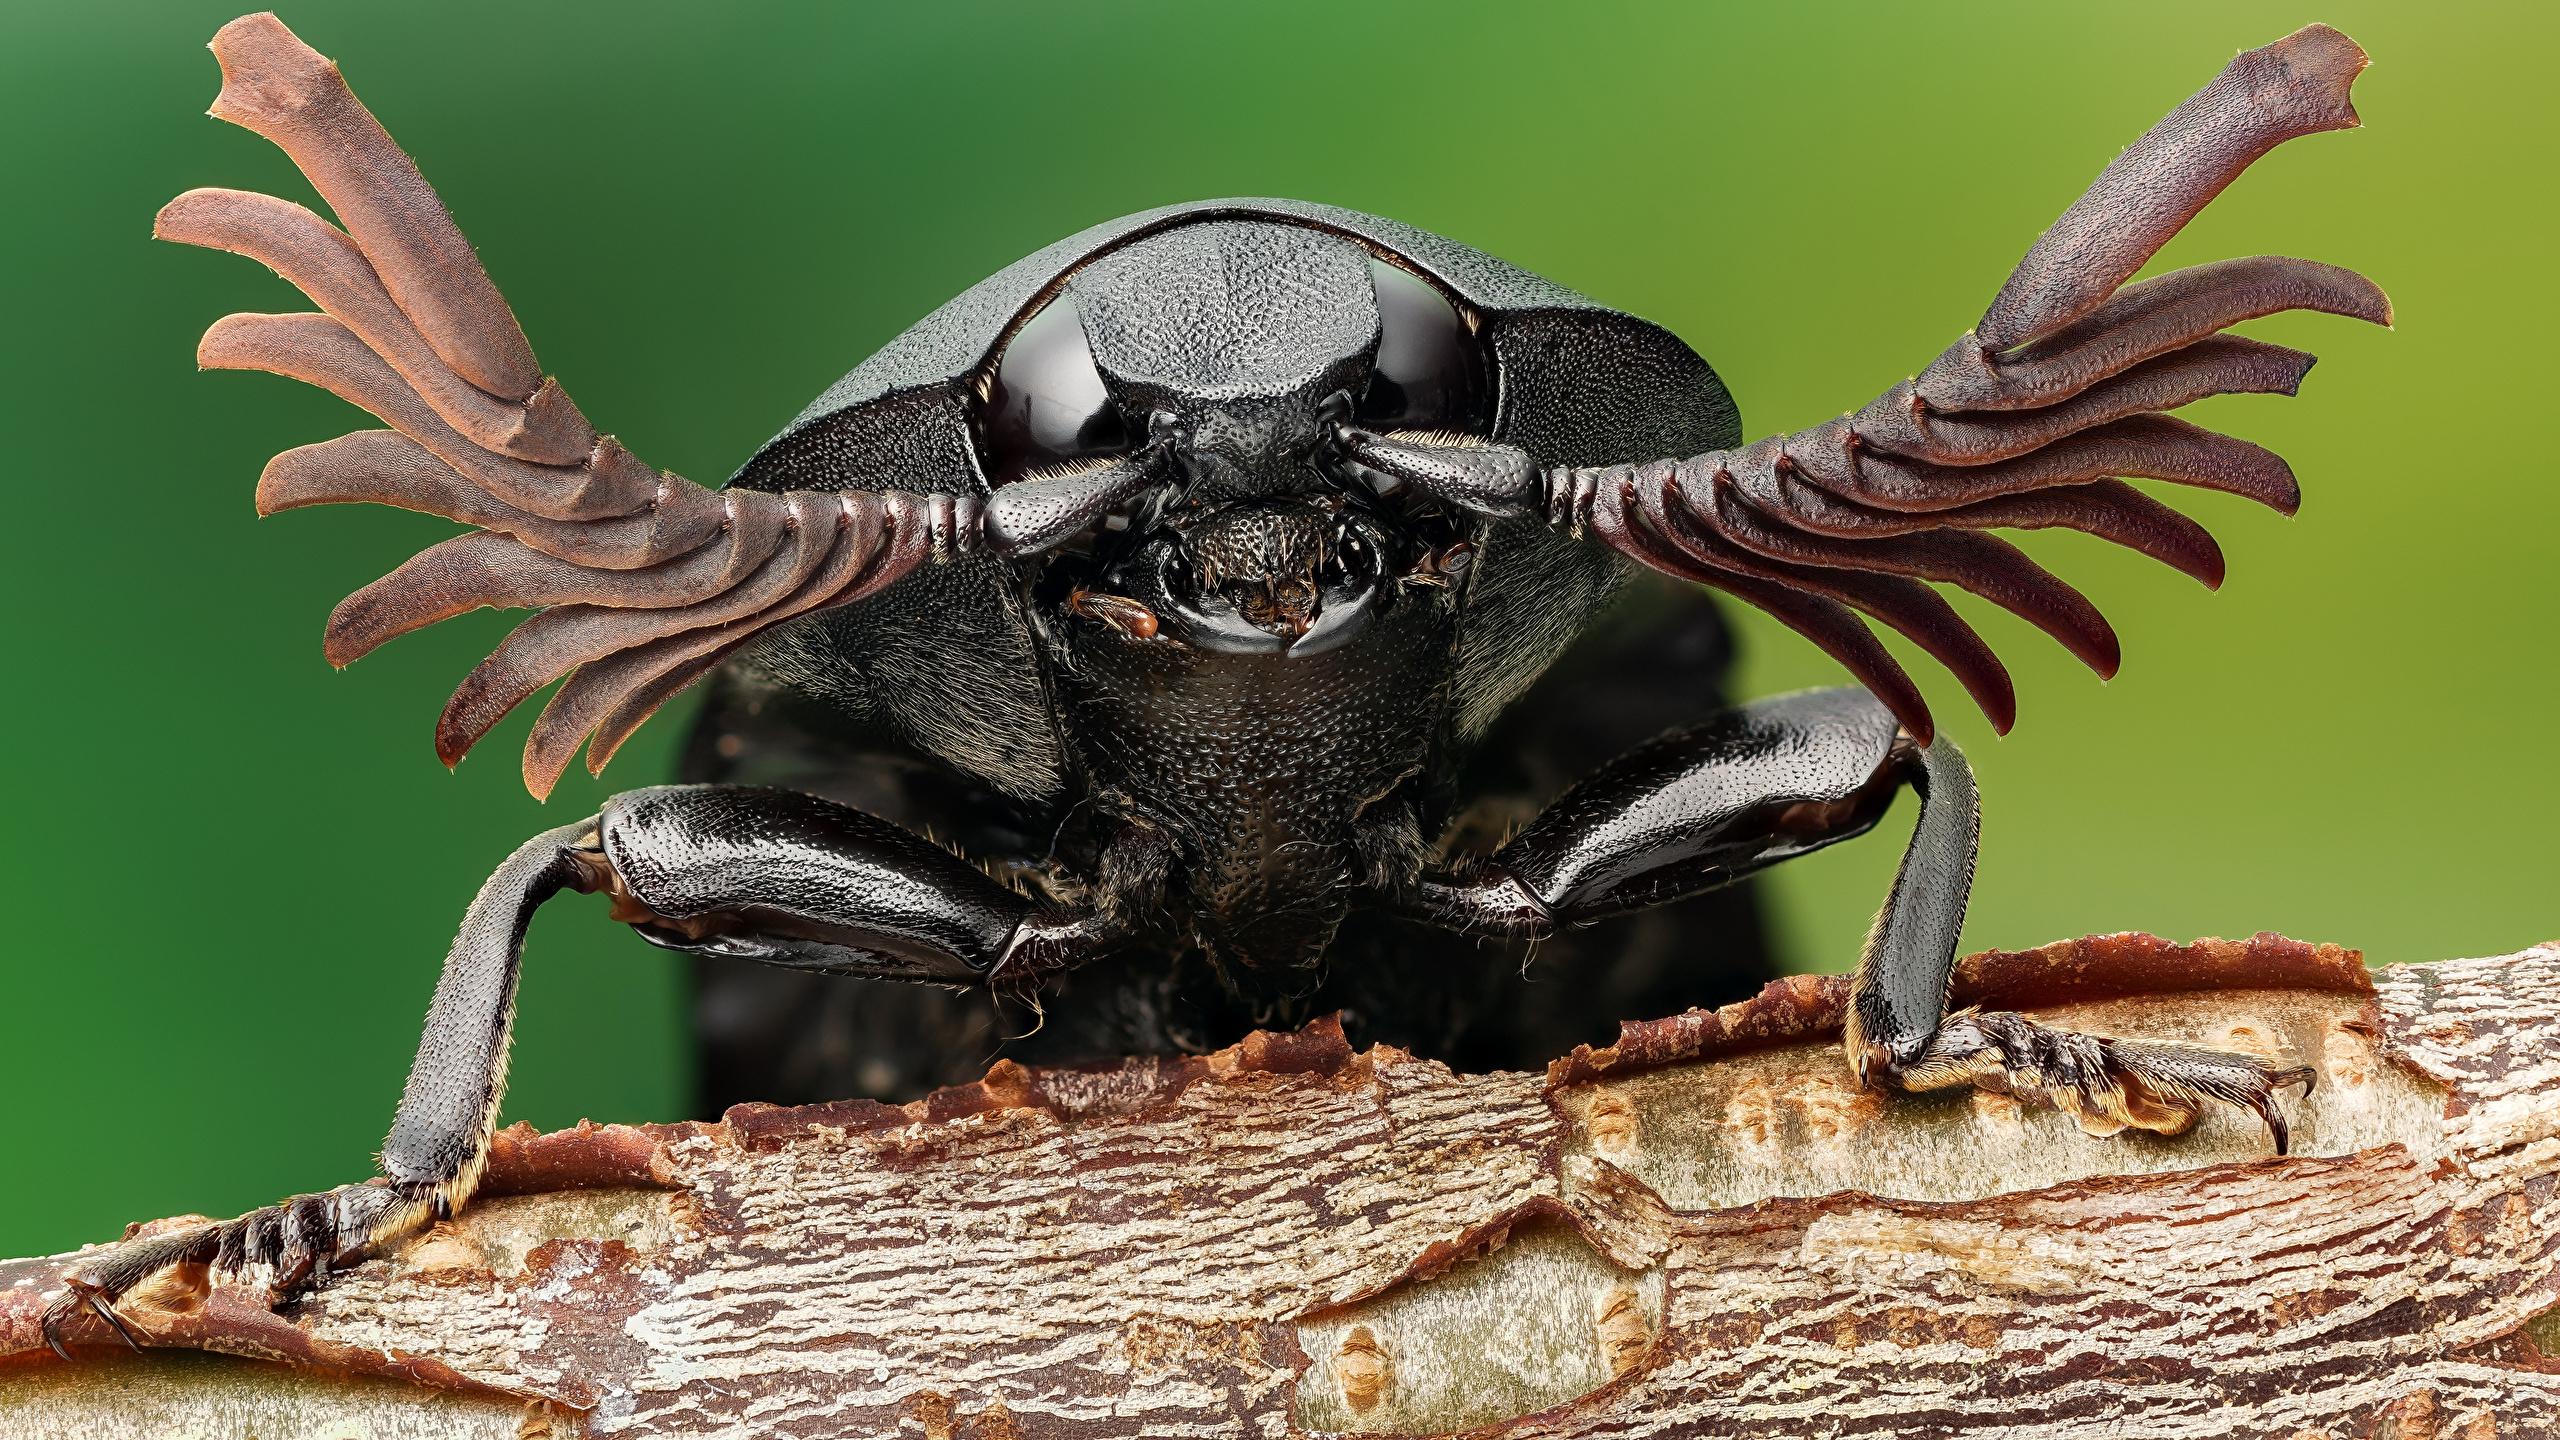 Фото Жуки Насекомые click beetle вблизи животное 2560x1440 насекомое Животные Крупным планом